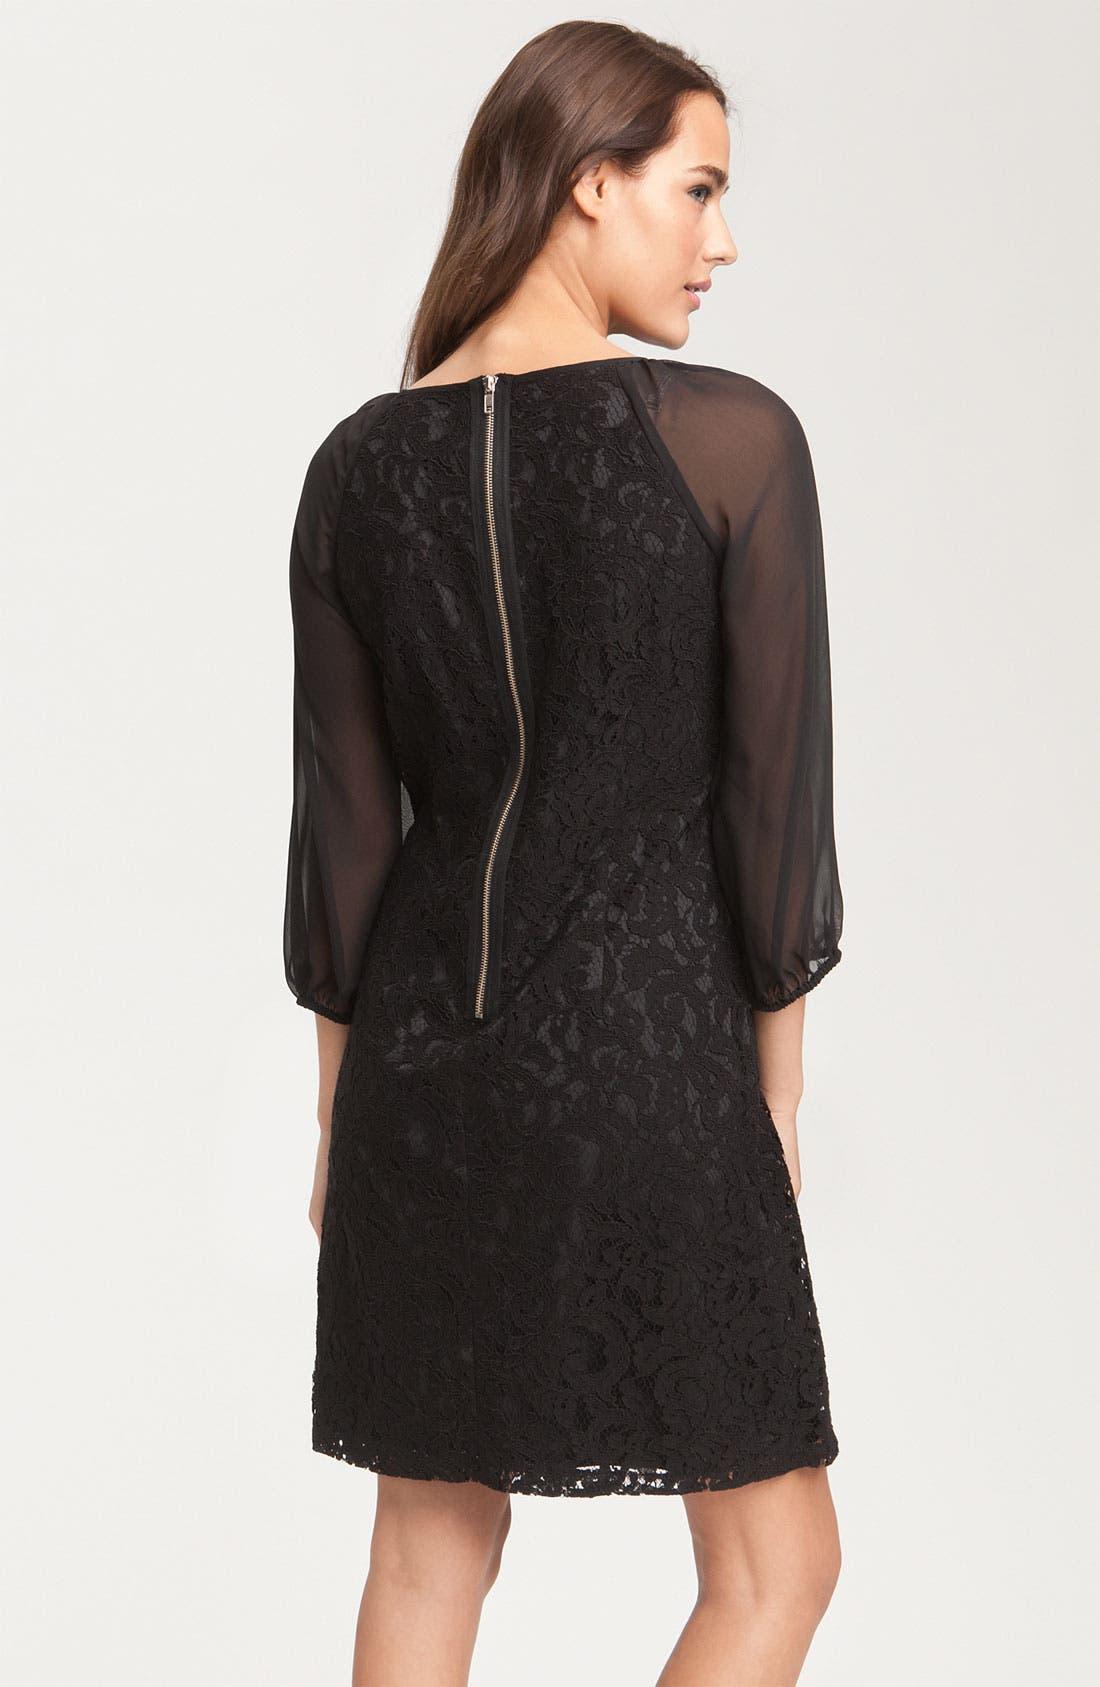 Alternate Image 2  - Adrianna Papell Lace & Chiffon Shift Dress (Petite)